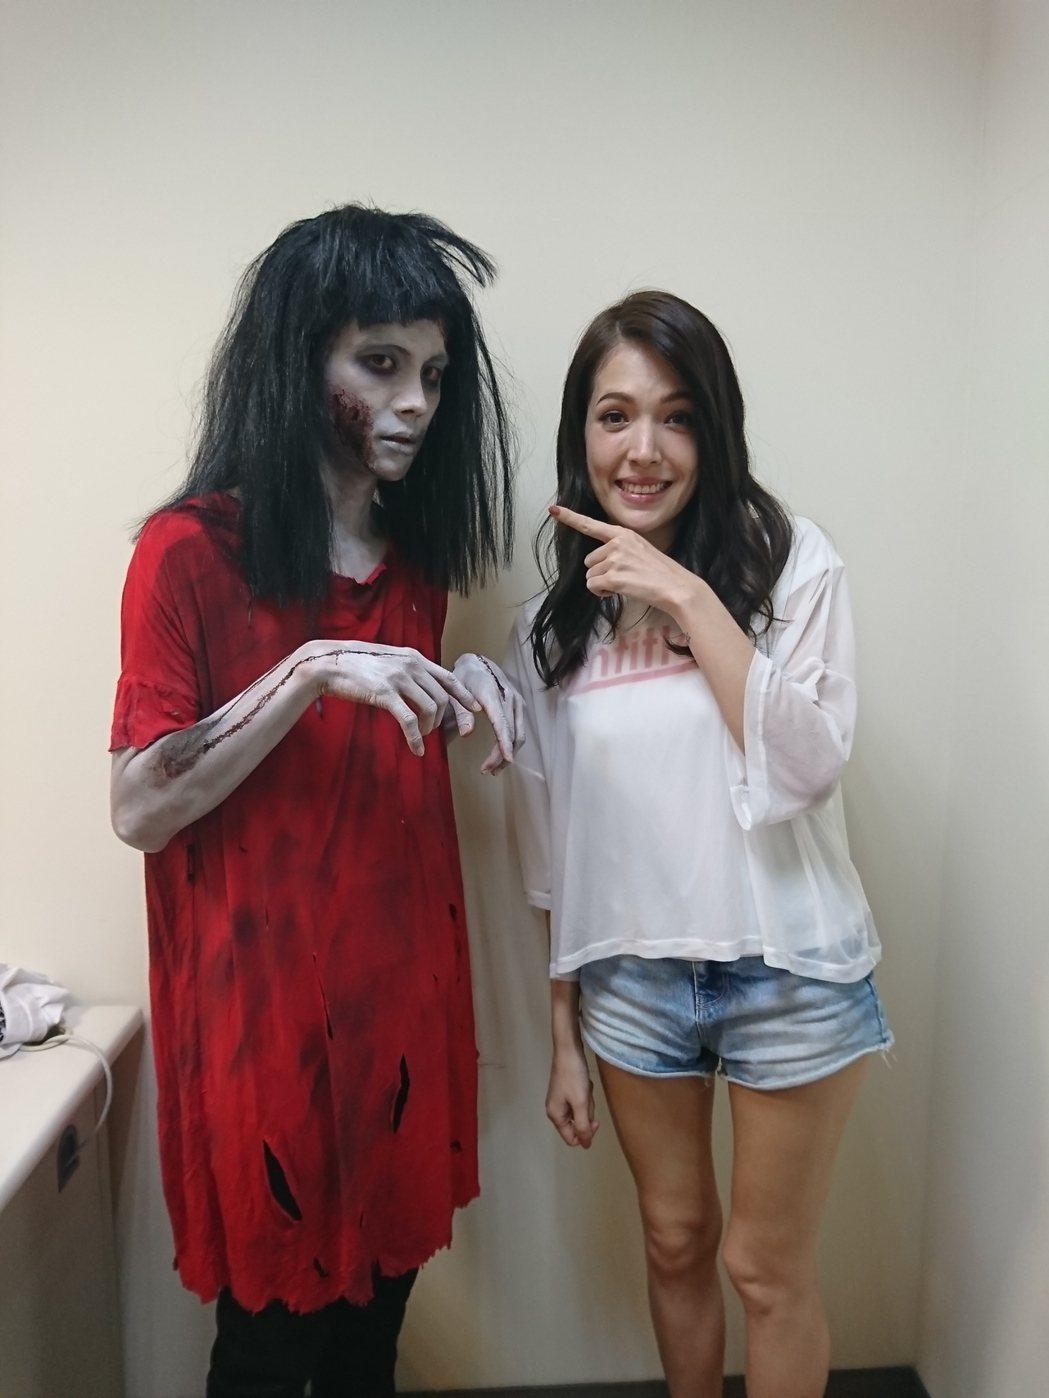 阿翔扮成紅衣小女孩跟許瑋甯合照。圖/時代創藝提供